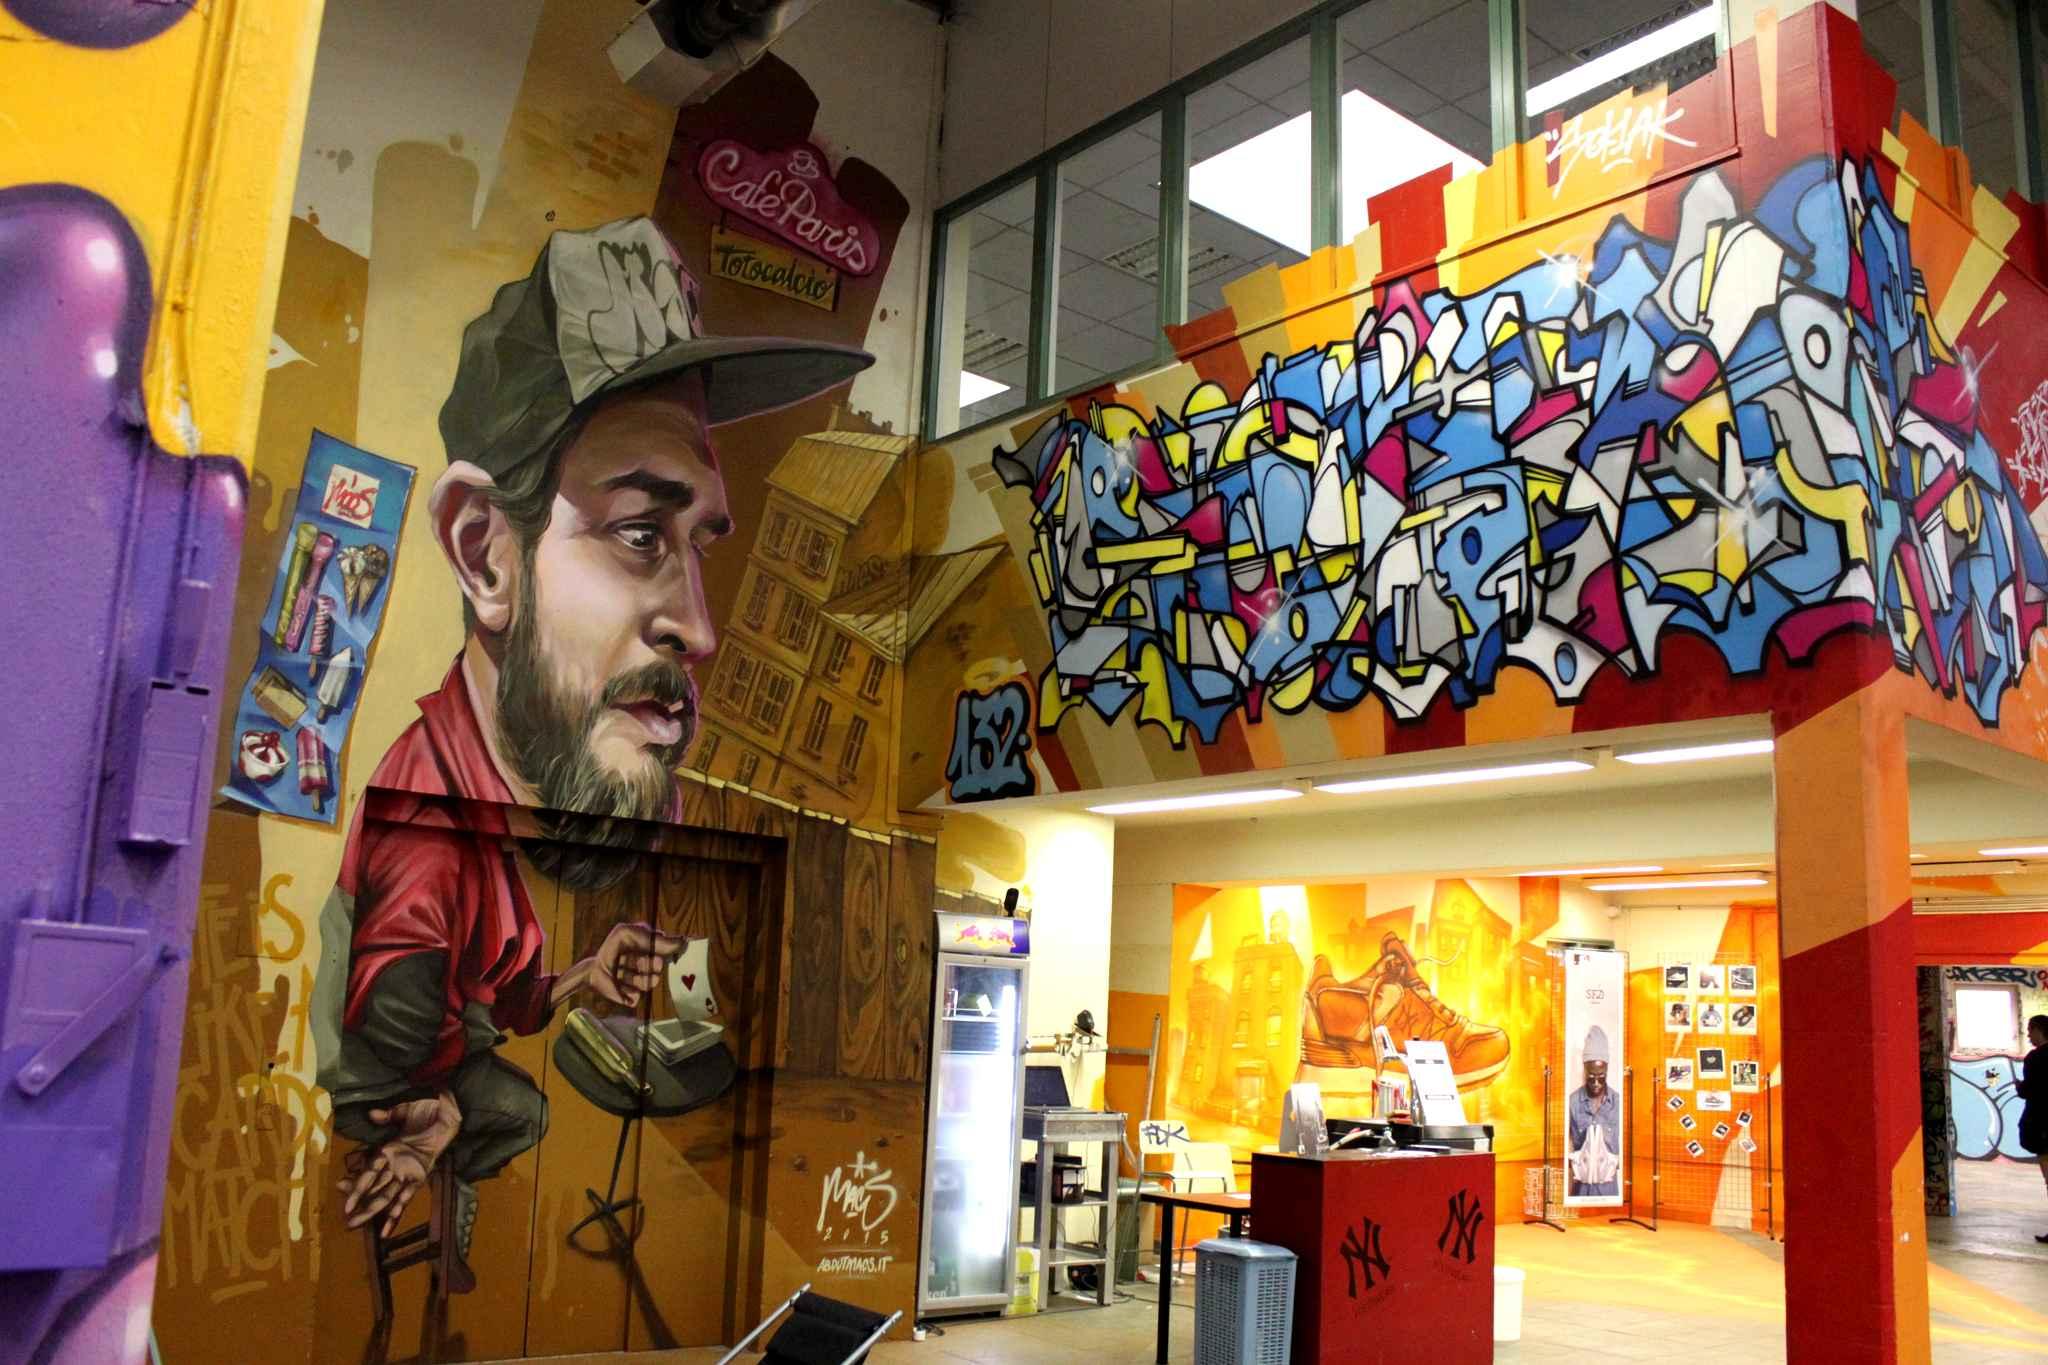 exposition-face-mur